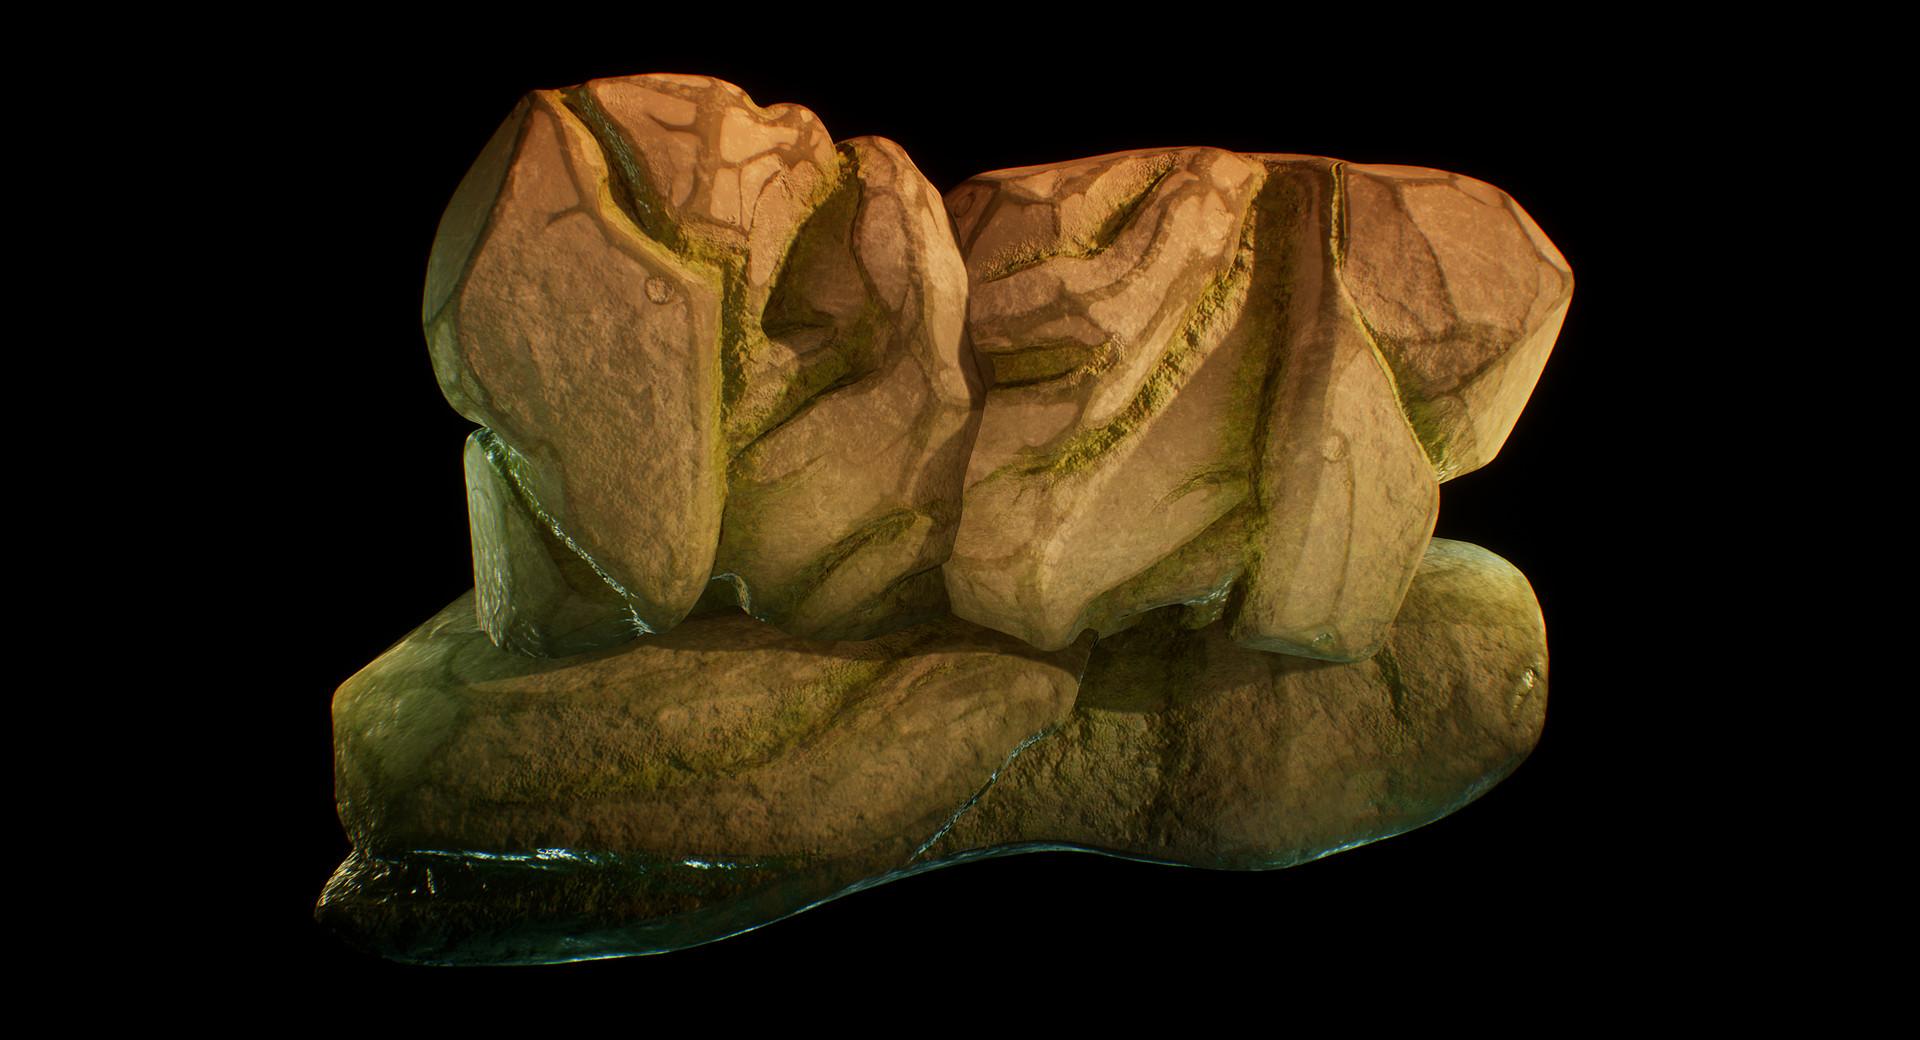 ArtStation - Enviroment, 3D modeling Rocks, Julia Morant